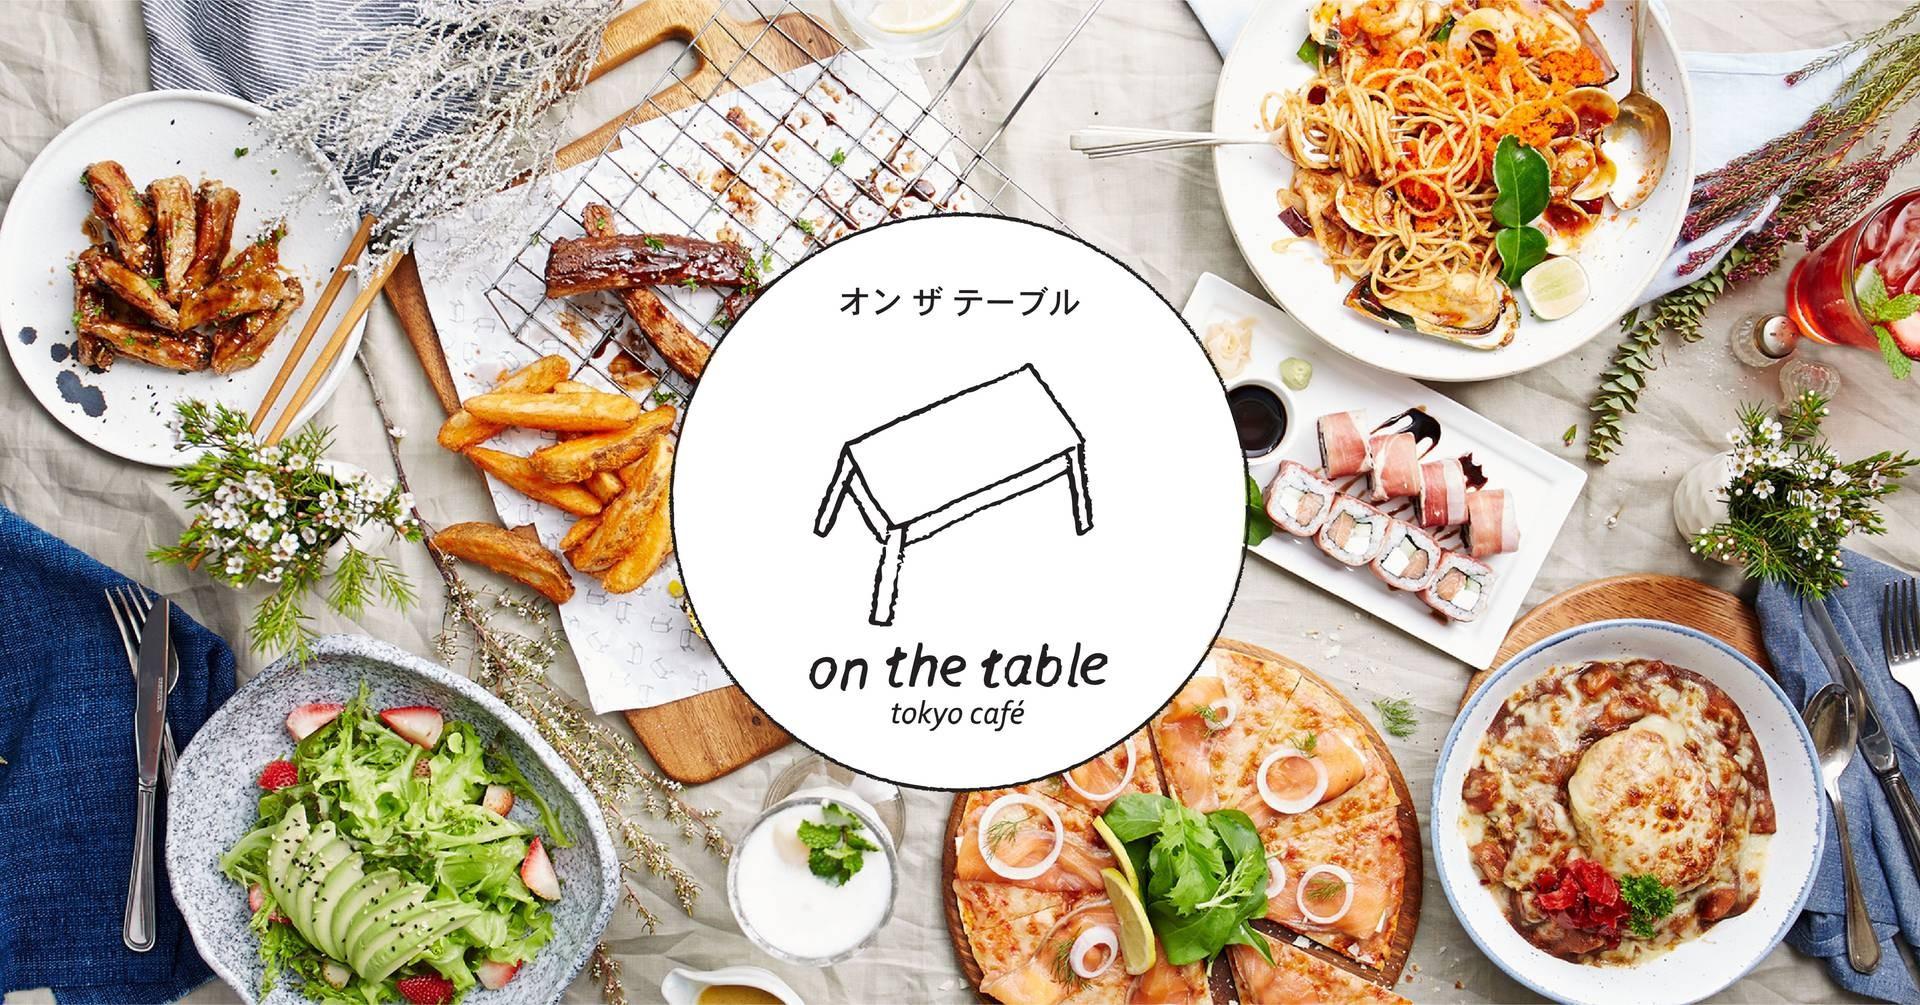 On The Table เซ็นทรัลพลาซ่าลาดพร้าว